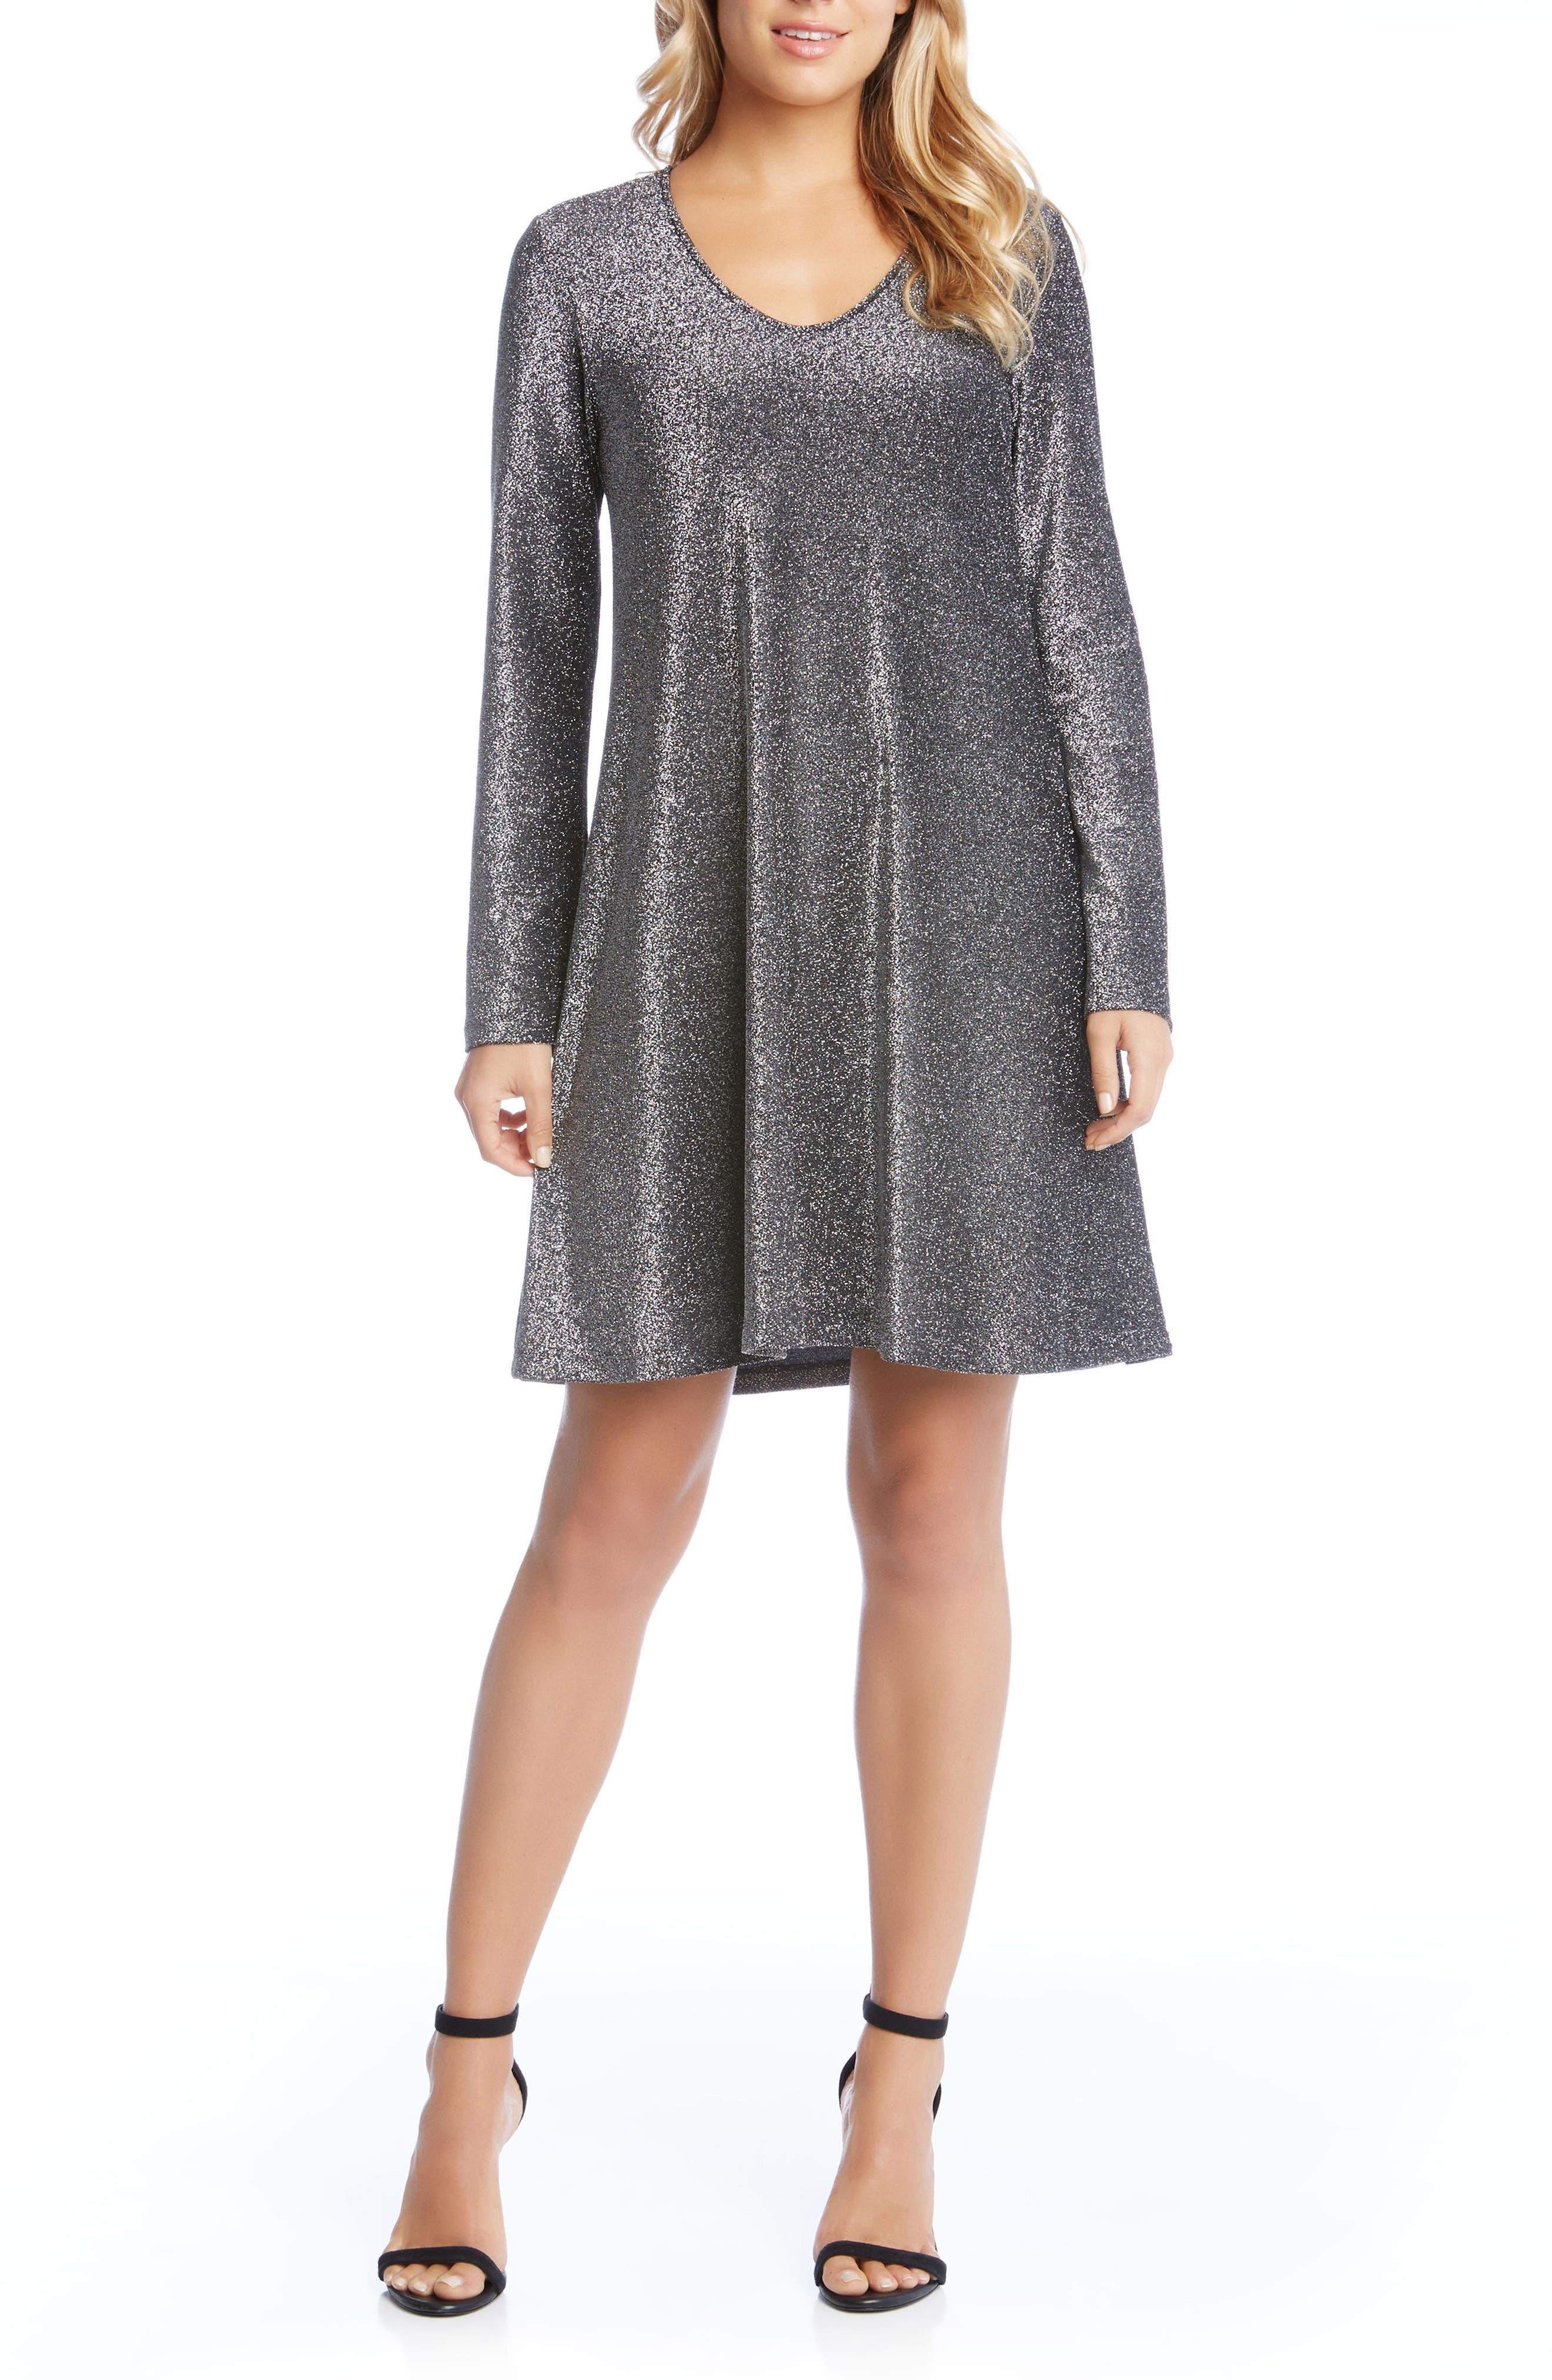 Taylor Sparkle A-Line Dress,                             Alternate thumbnail 3, color,